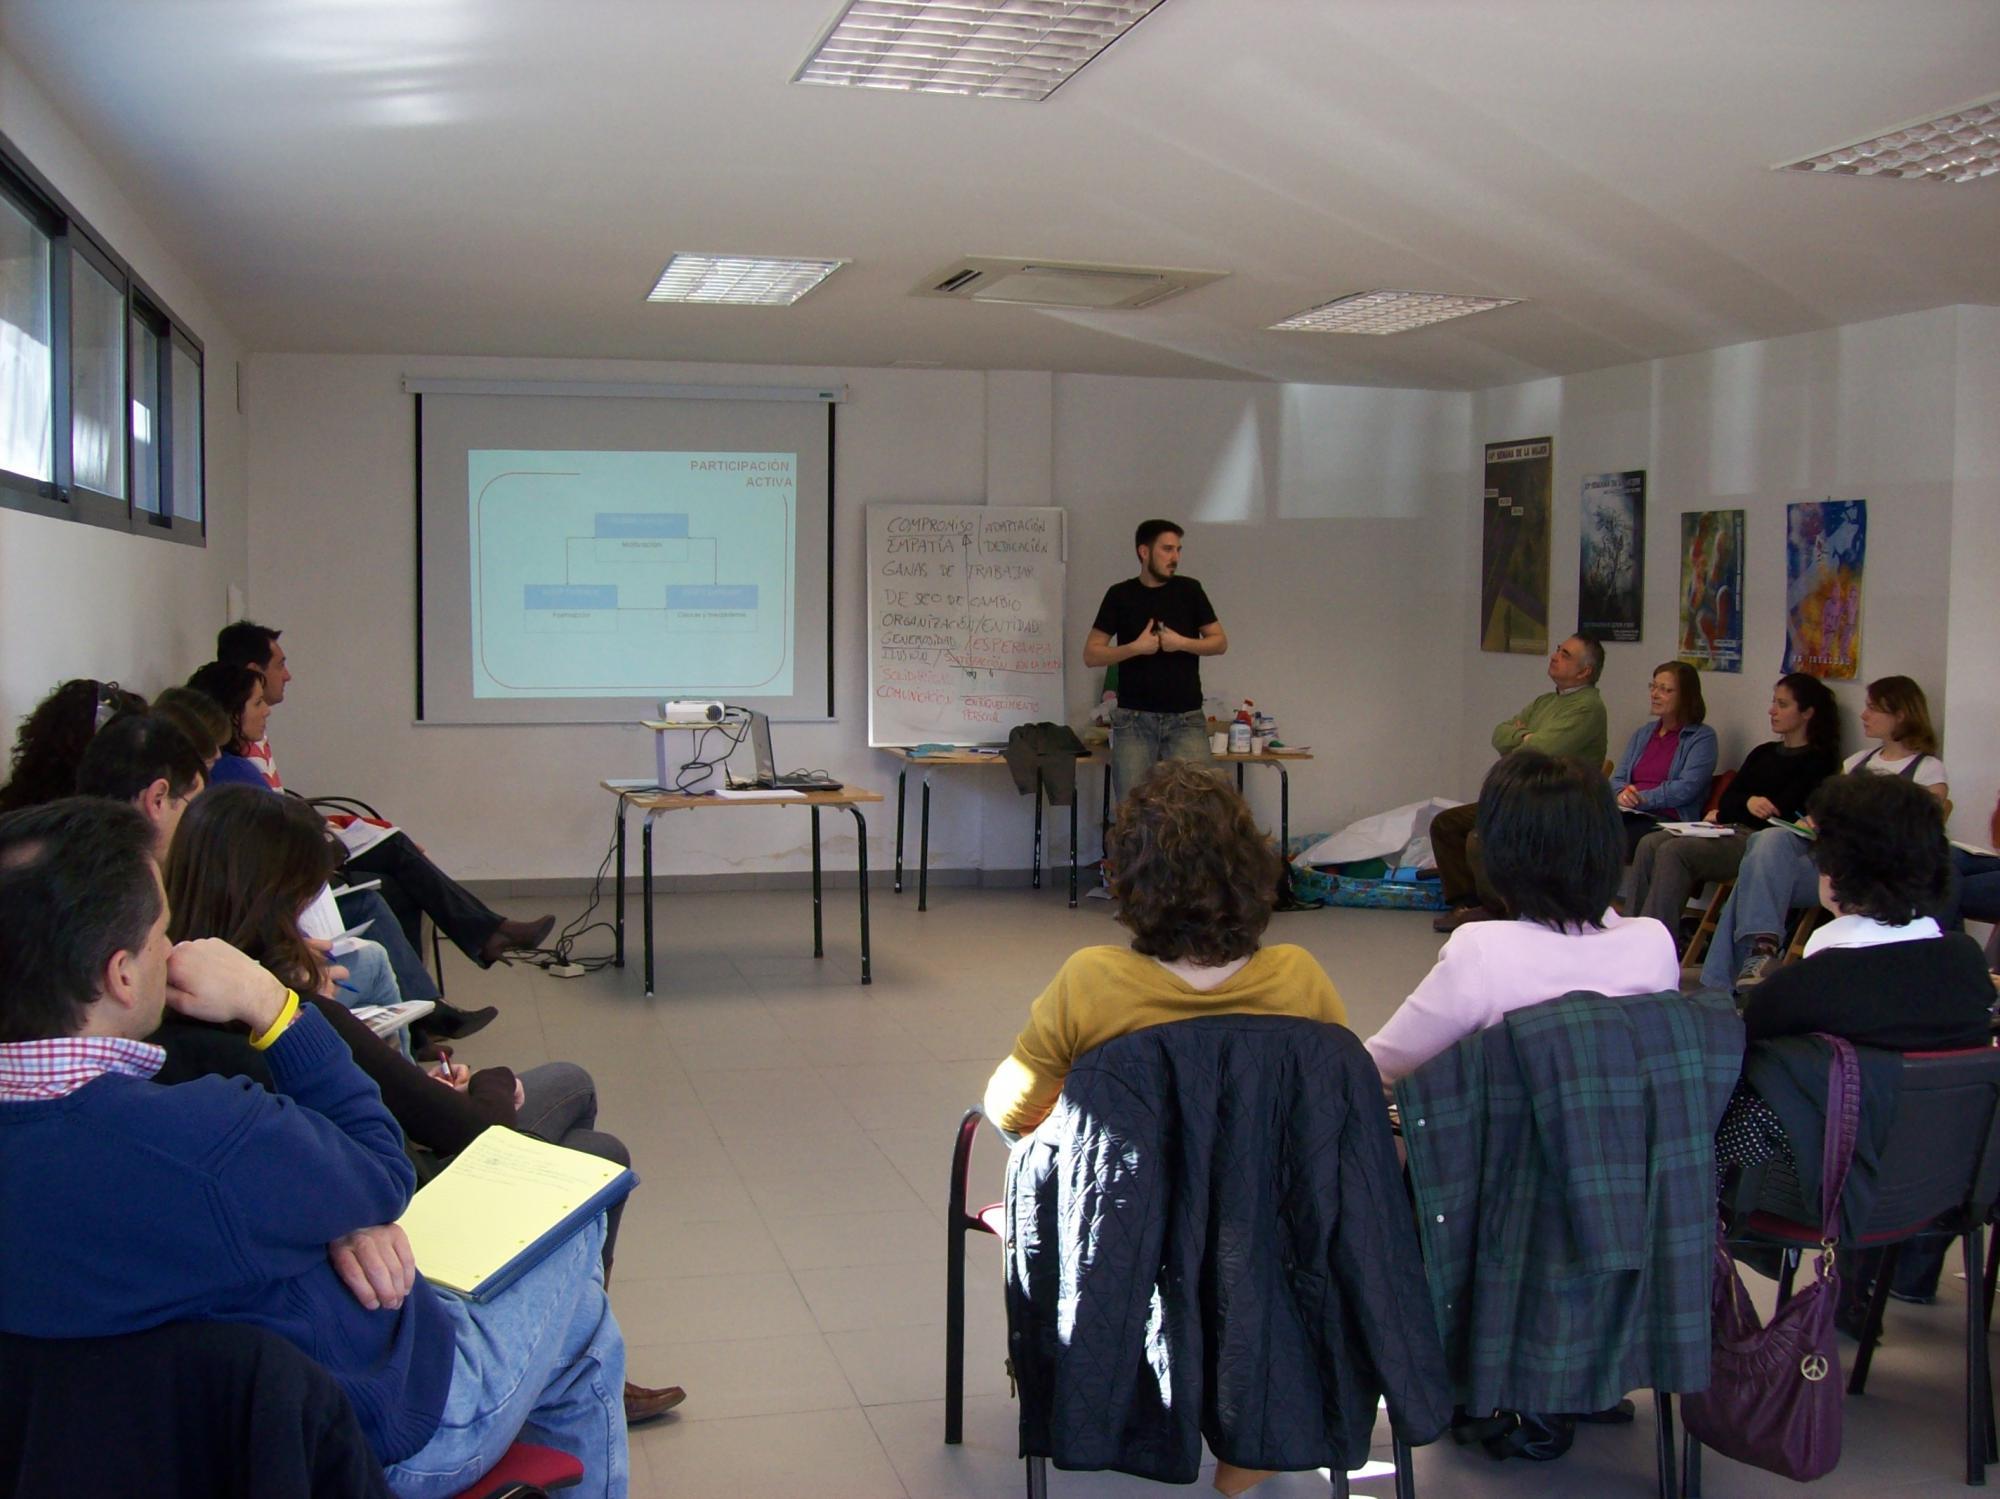 Comienzan los Cursos gratuitos de Formación en Voluntariado de Las Rozas